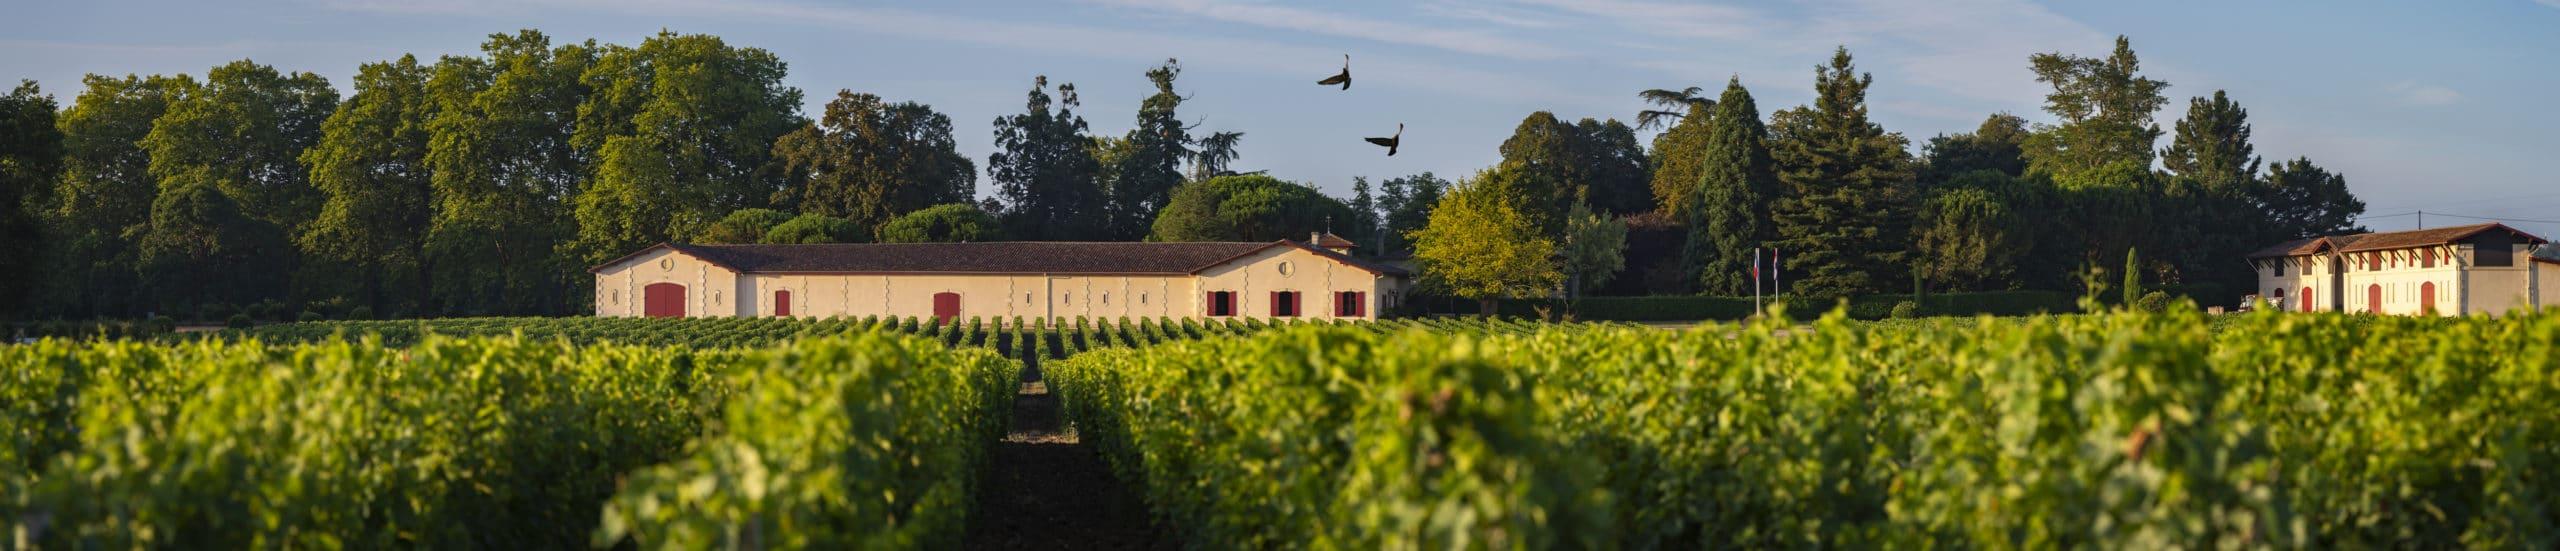 vins-pessac-leognan-l-apprenti-sommelier-chateau-brown-visite-panorama-batiments-batiment